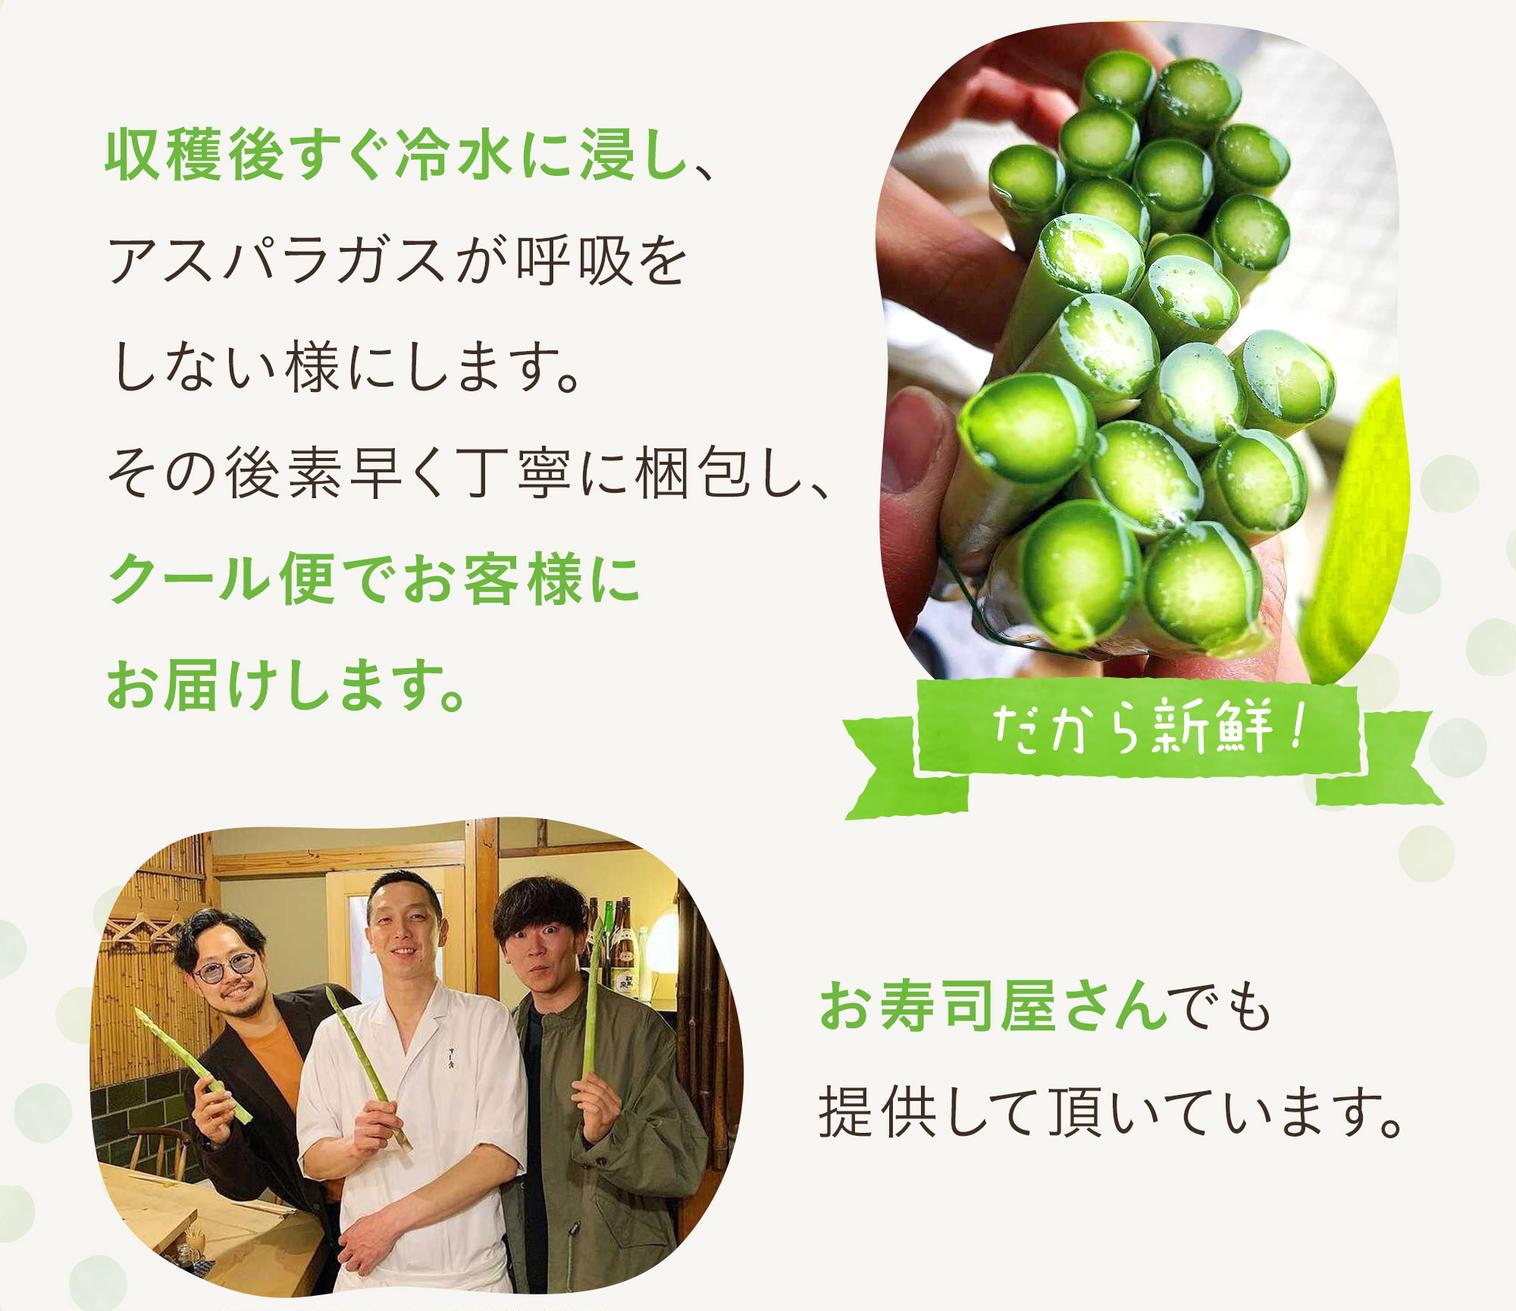 山田杏奈CMにも出演兄弟農家おおもりやの朝採れアスパラガスさぬきのめざめが通販で購入できるのは産直アウルだけ